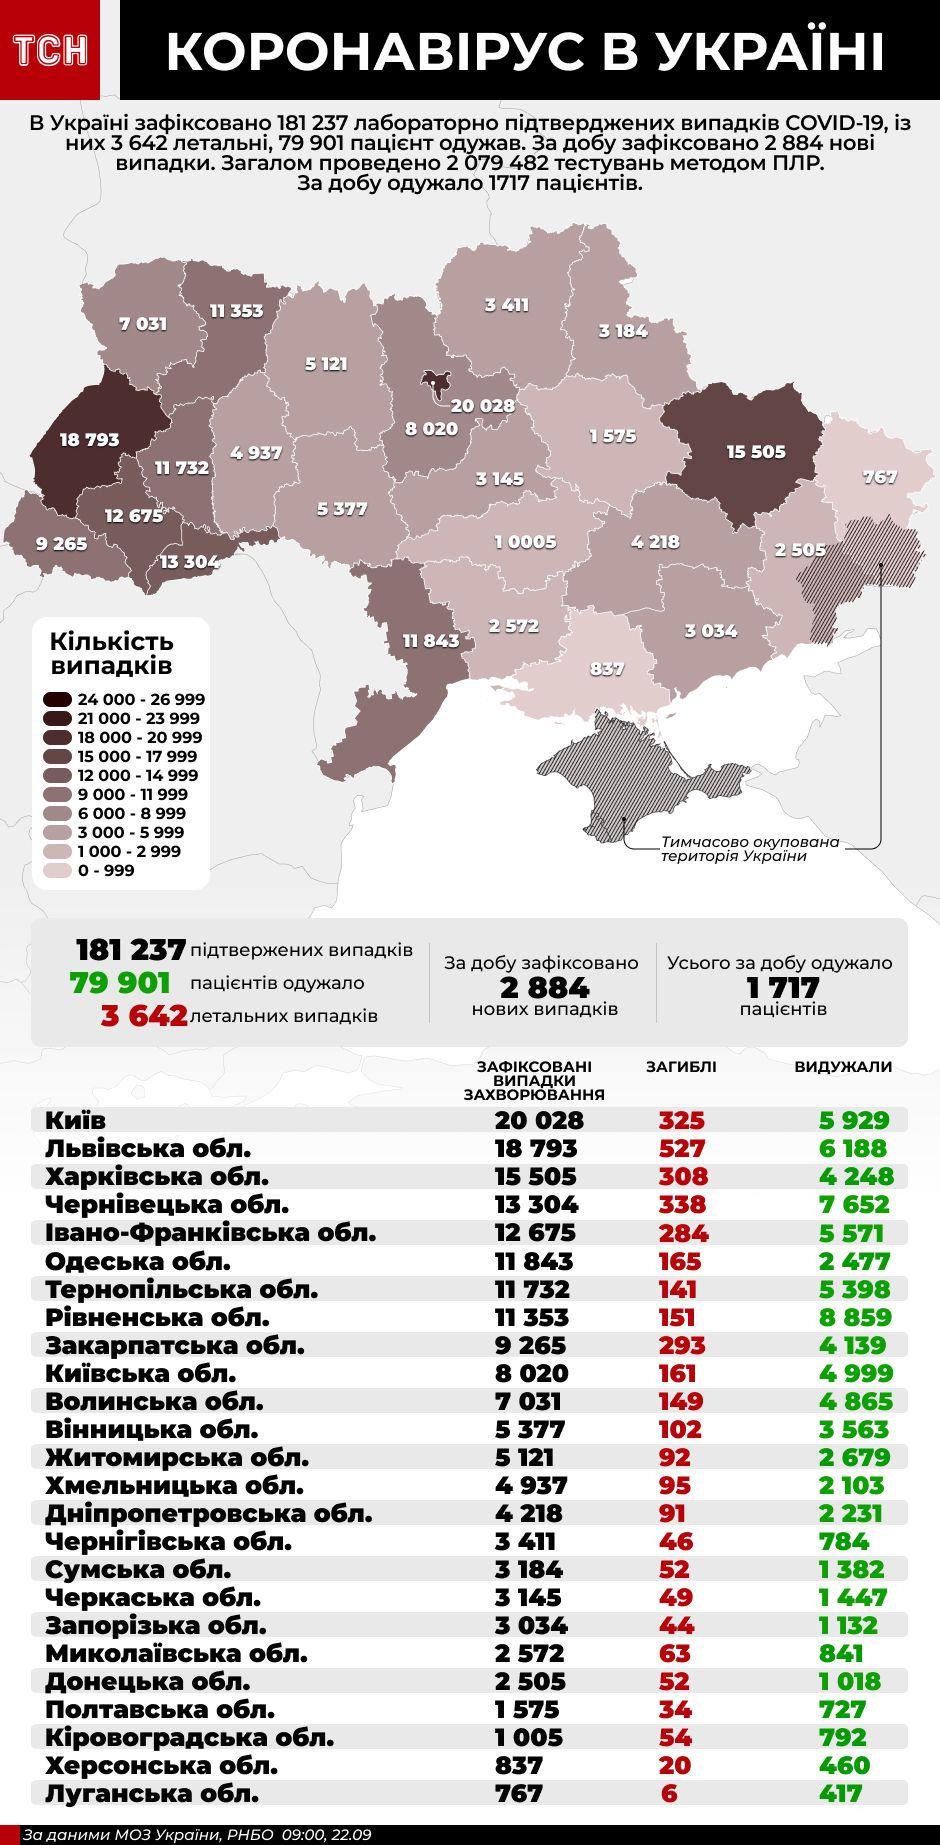 Коронавірус в Україні - інфографіка станом на 22 вересня